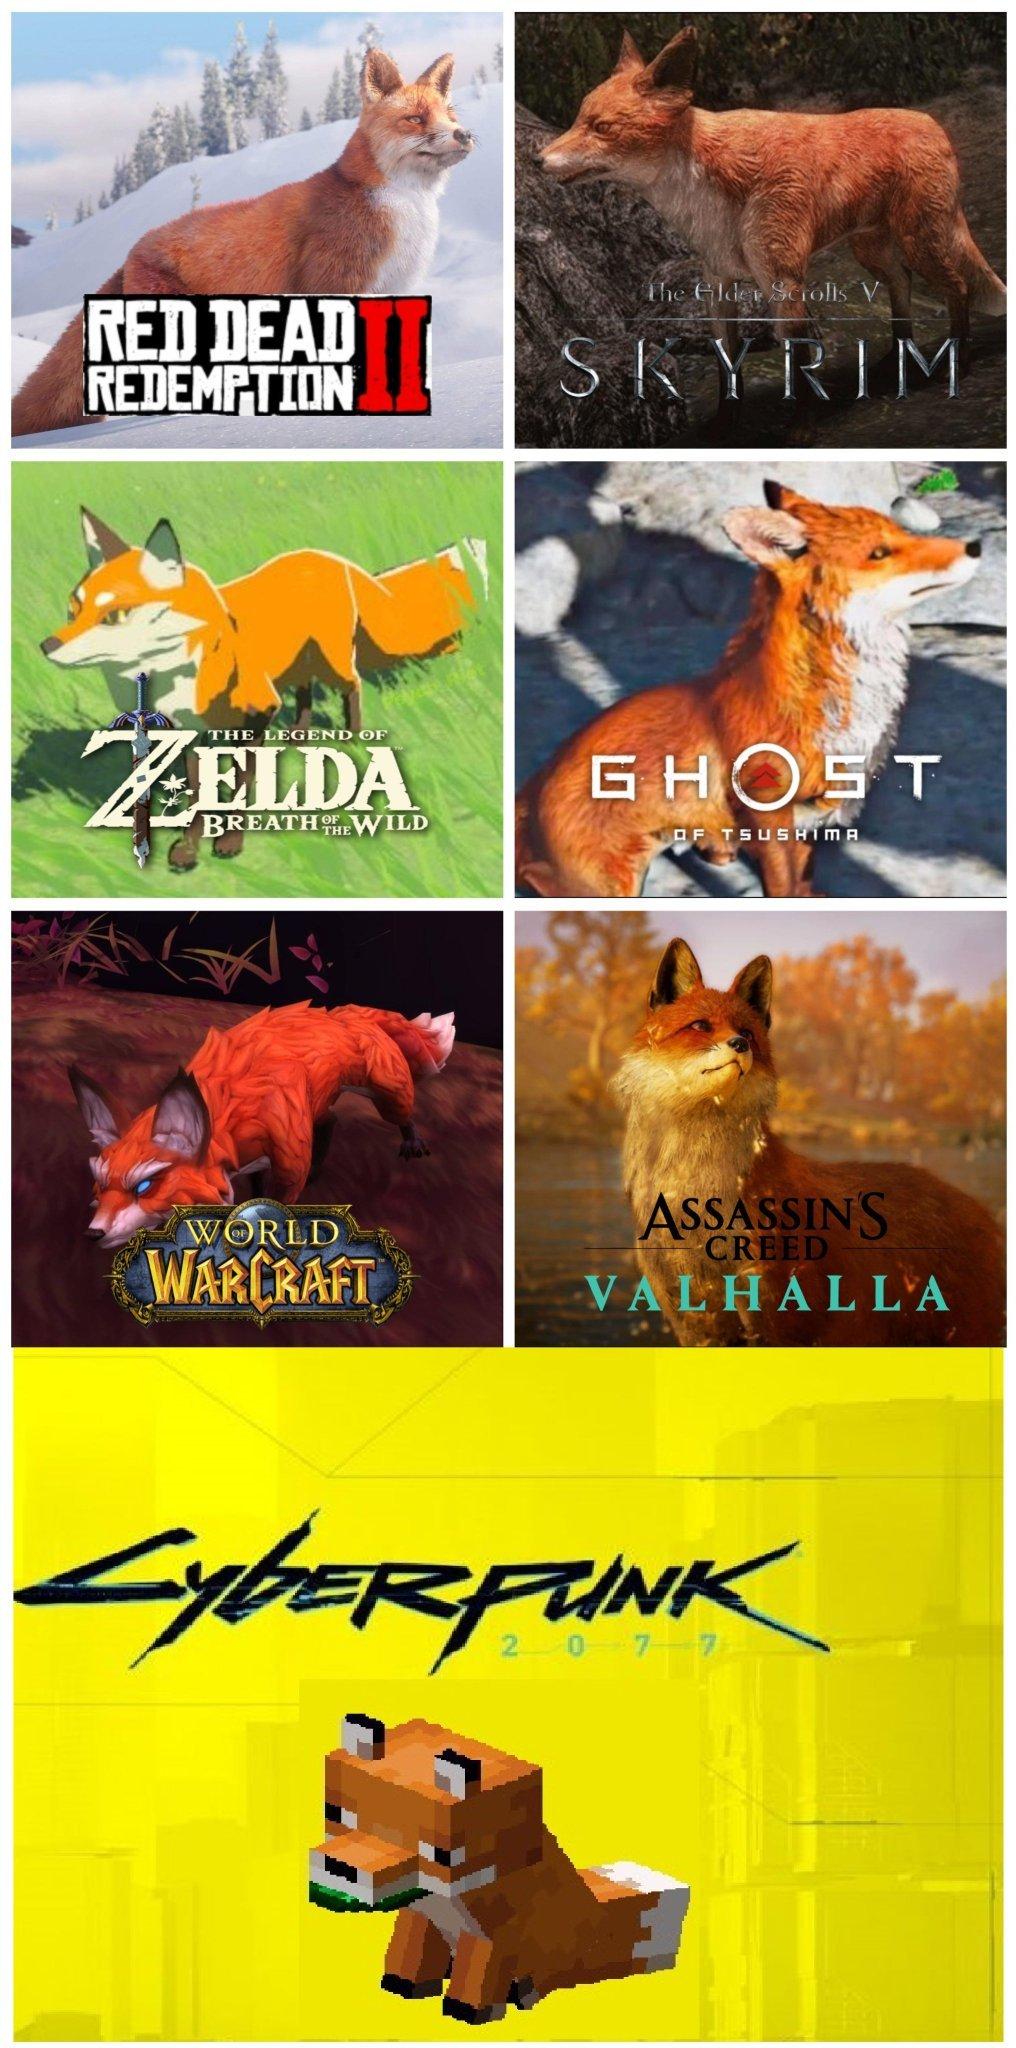 Les renards dans les jeux vidéos (*_*) - meme